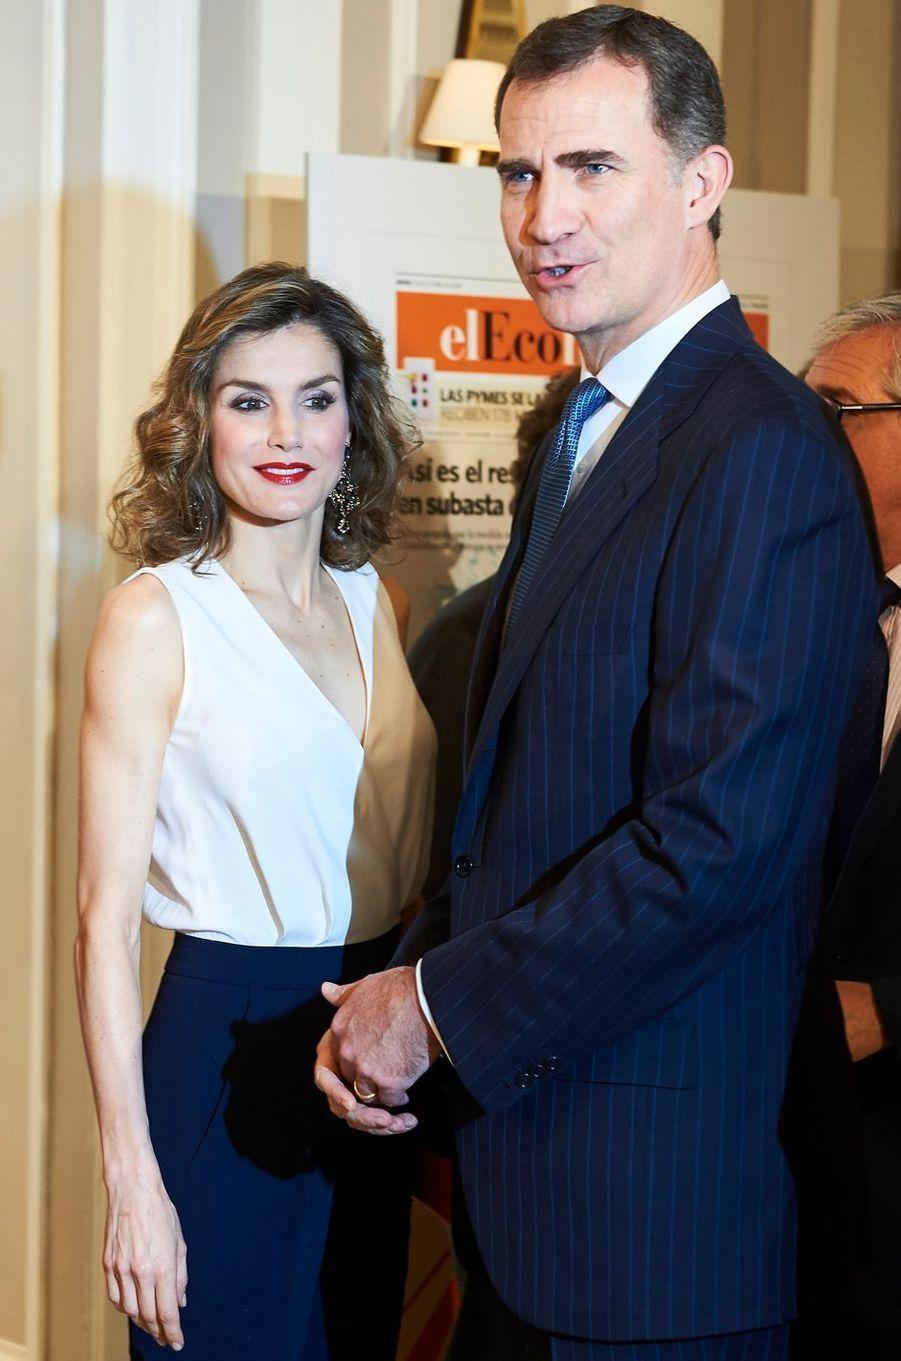 La reine Letizia et le roi Felipe VI d'Espagne à Madrid, le 8 juin 2016